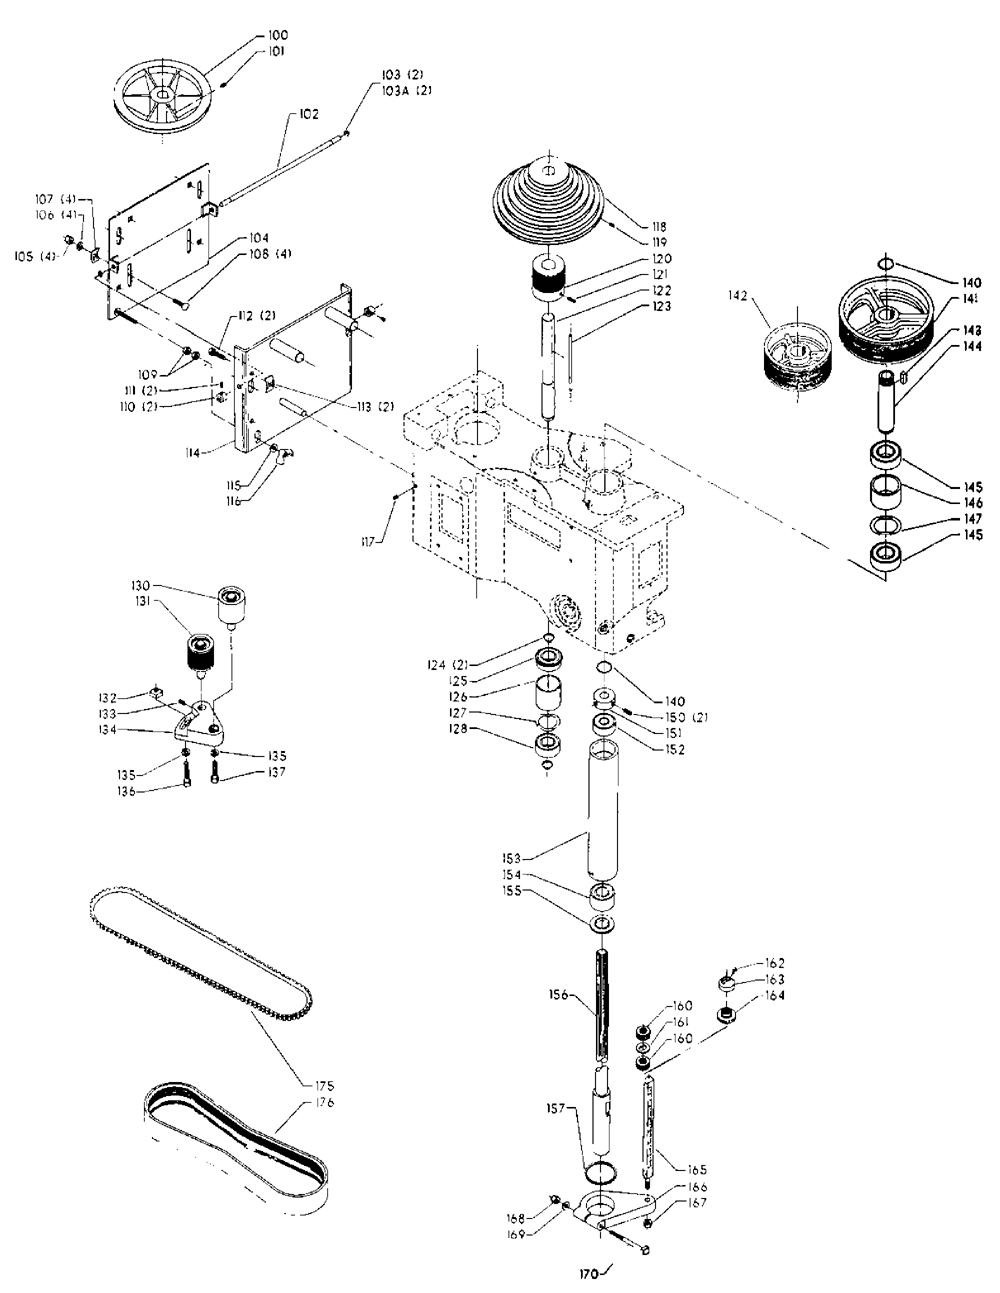 70-212-Delta-T1-PB-3Break Down